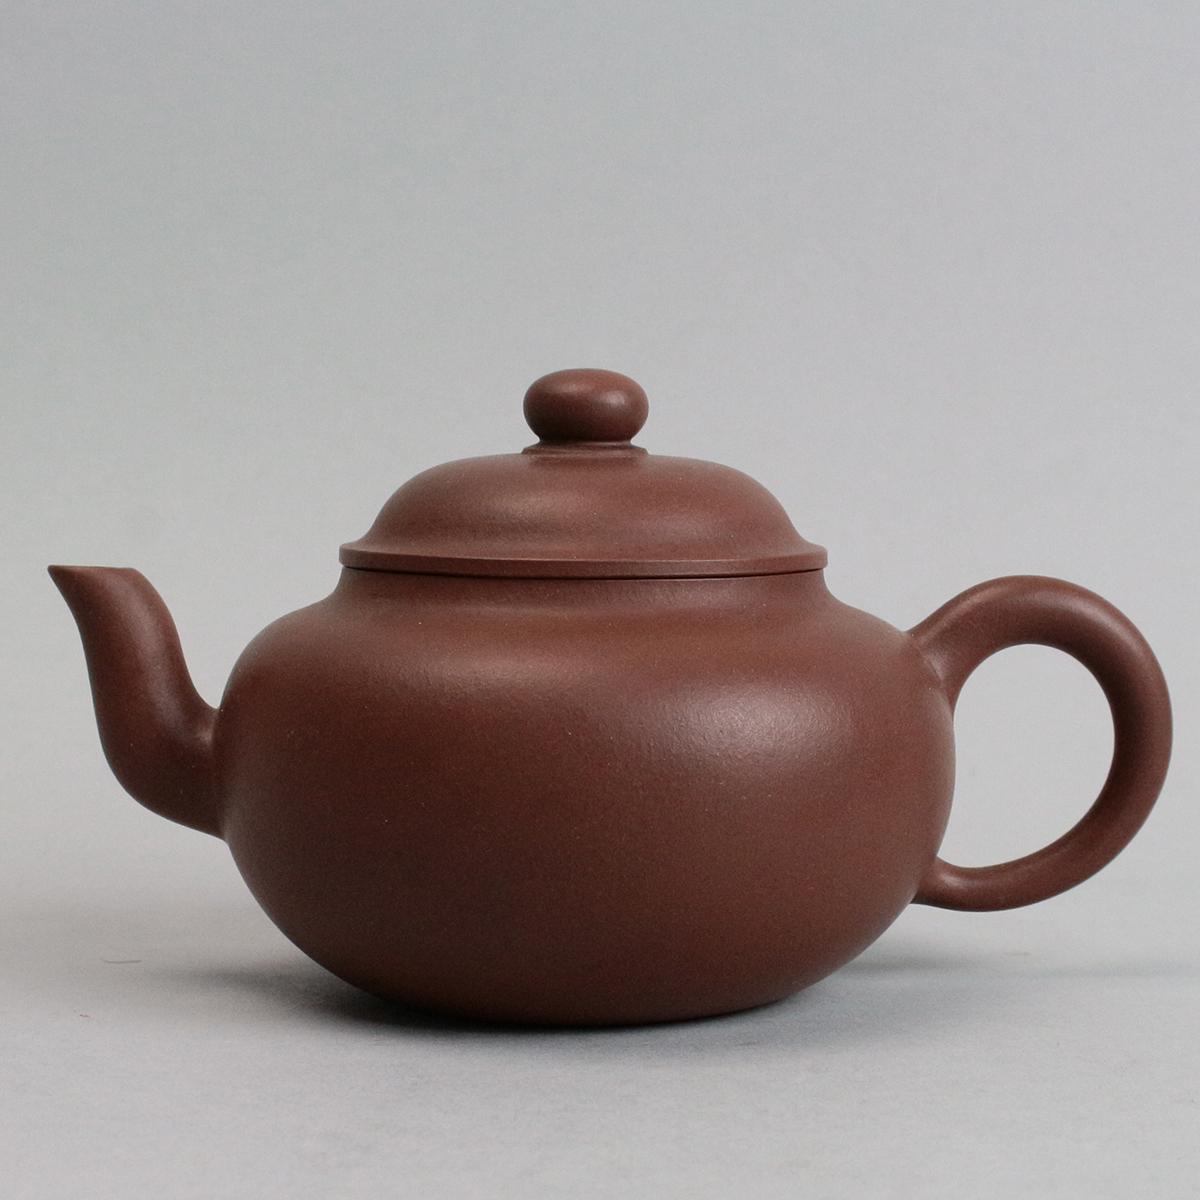 3077 中国 荊渓恵孟臣製 朱泥 急須 茶壺 唐物 煎茶道具